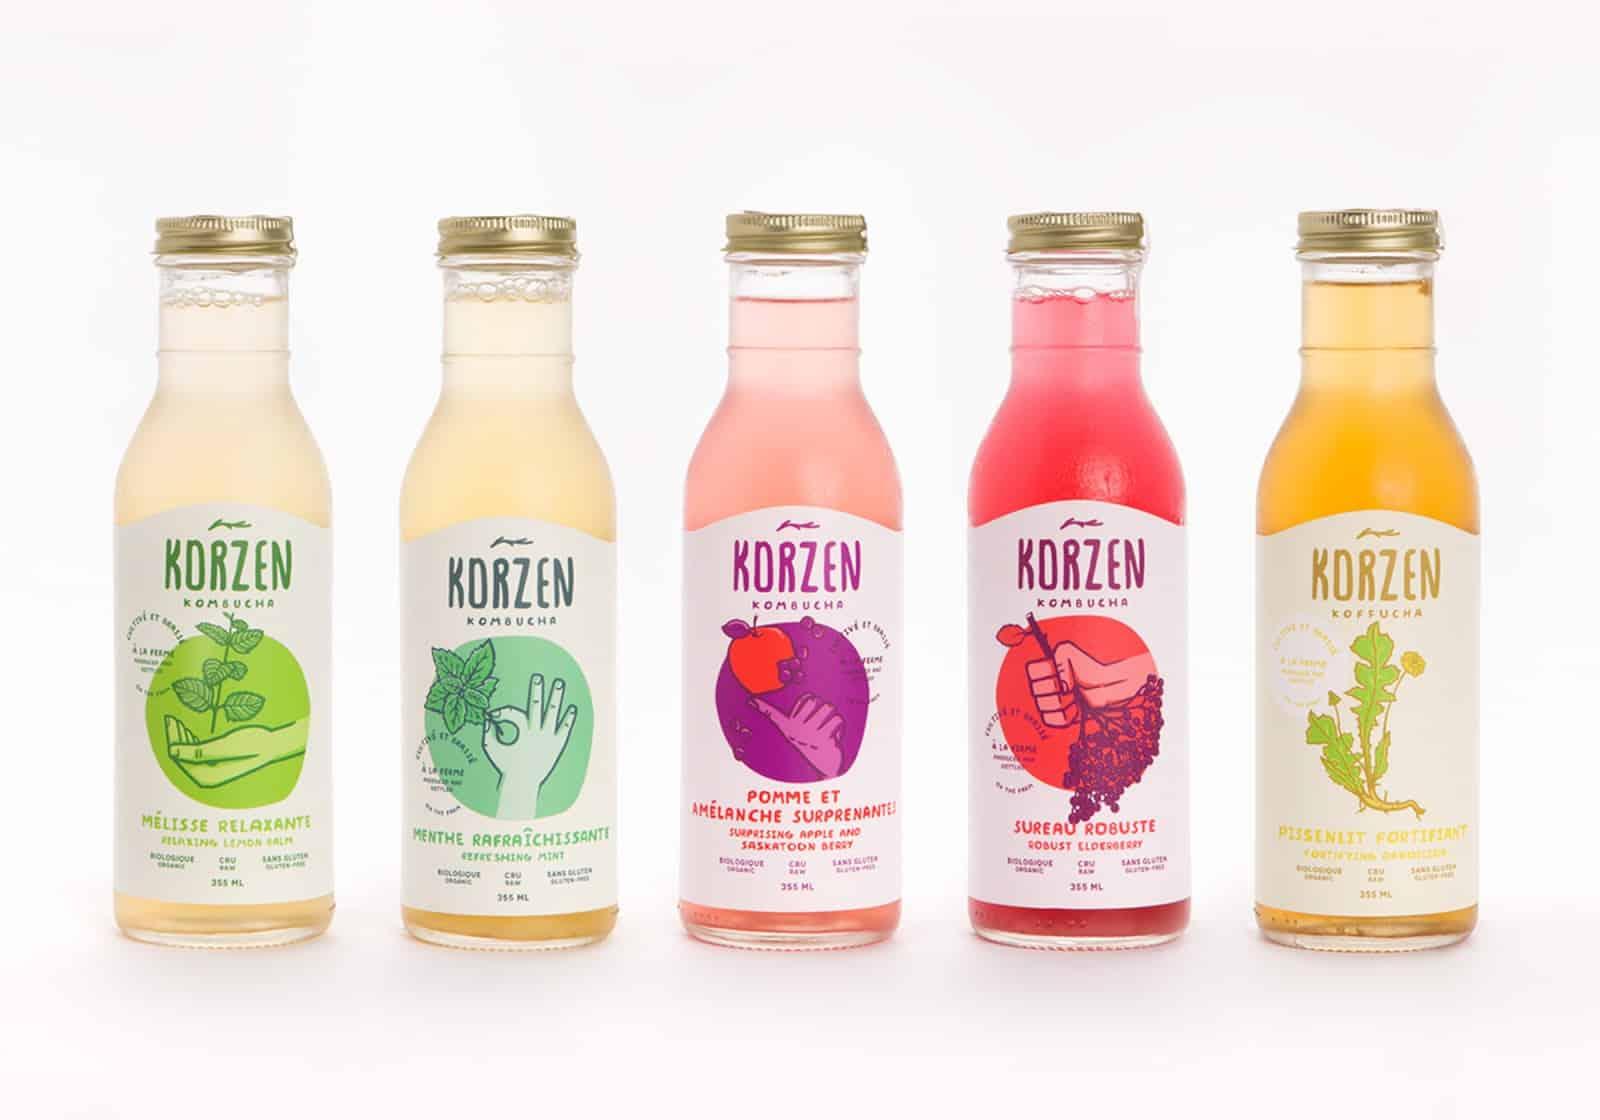 Drink sticker 06 - 10 ตัวอย่างสติ๊กเกอร์ติดขวดเครื่องดื่ม ดีไซน์สวย ช่วยเพิ่มมูลค่าให้กับสินค้า